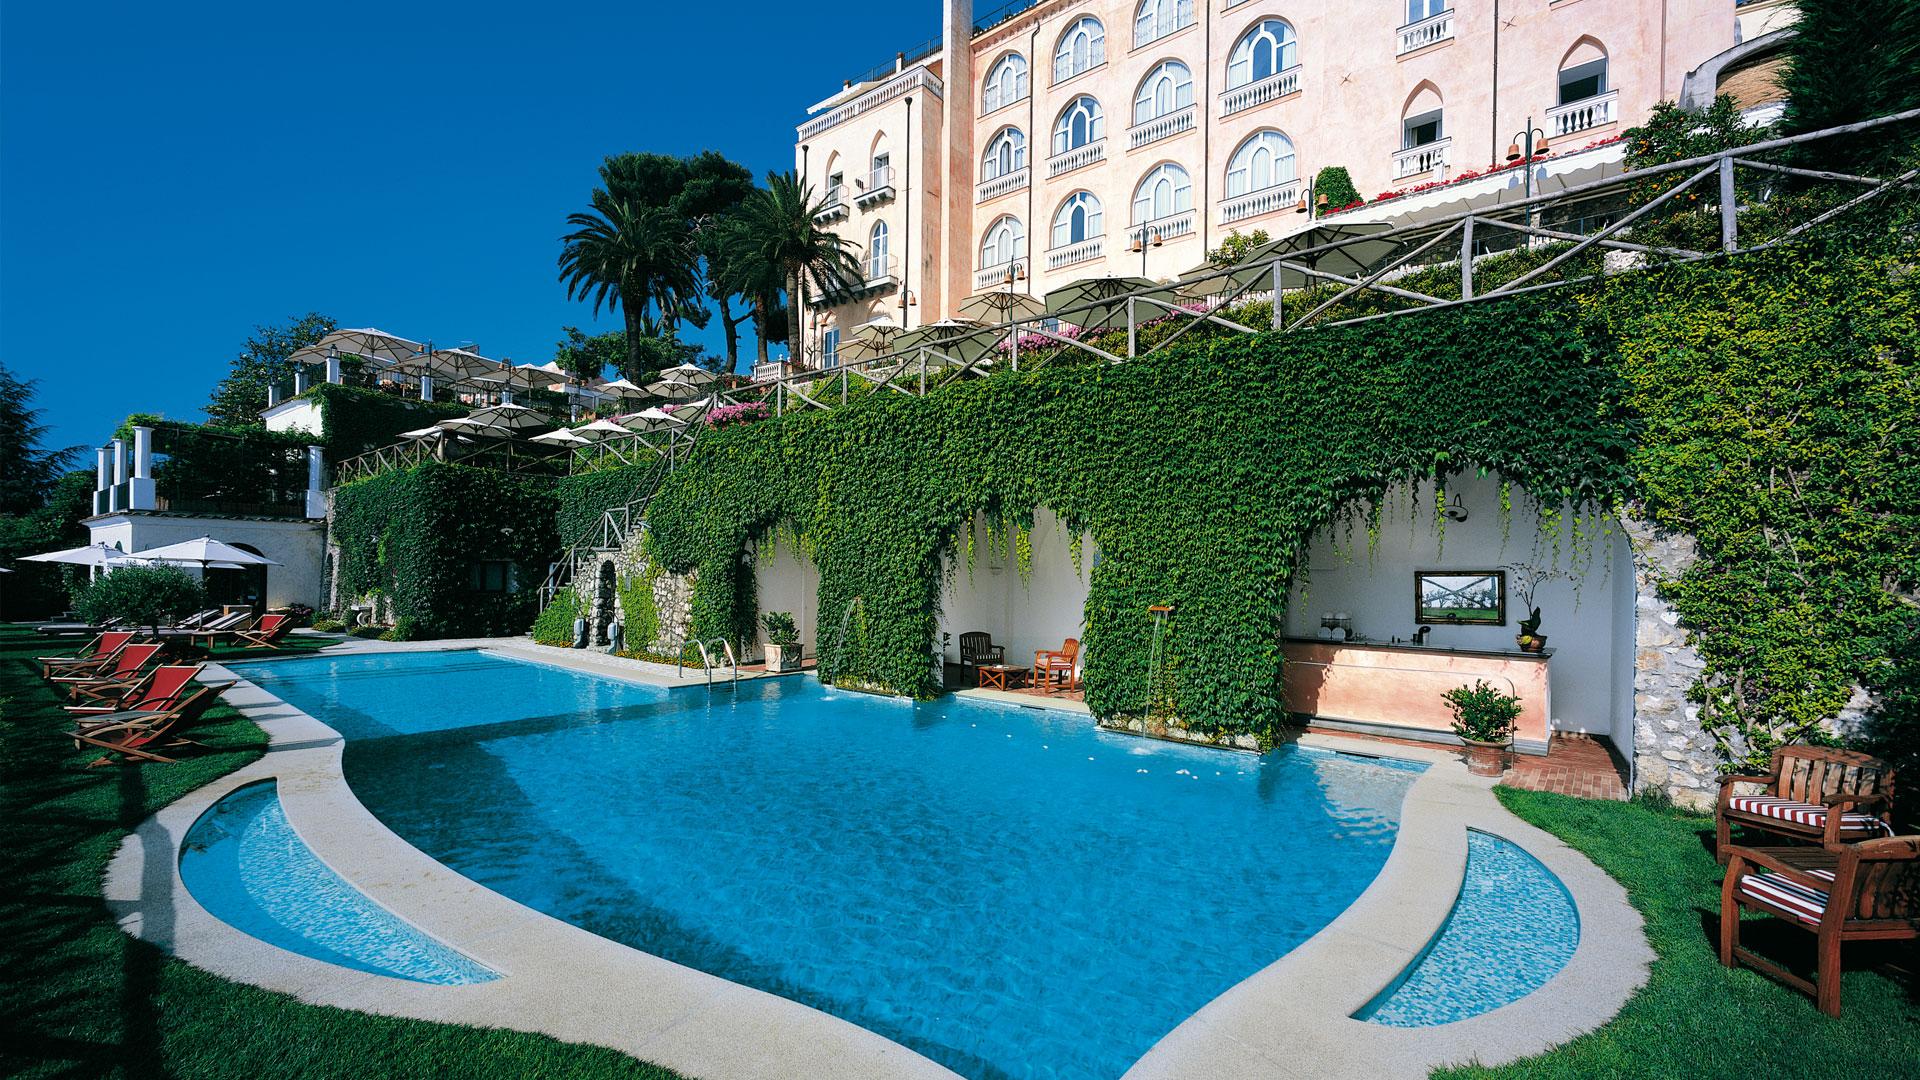 palazzo-avino-palazzo-sasso-swimming-pool-1-29